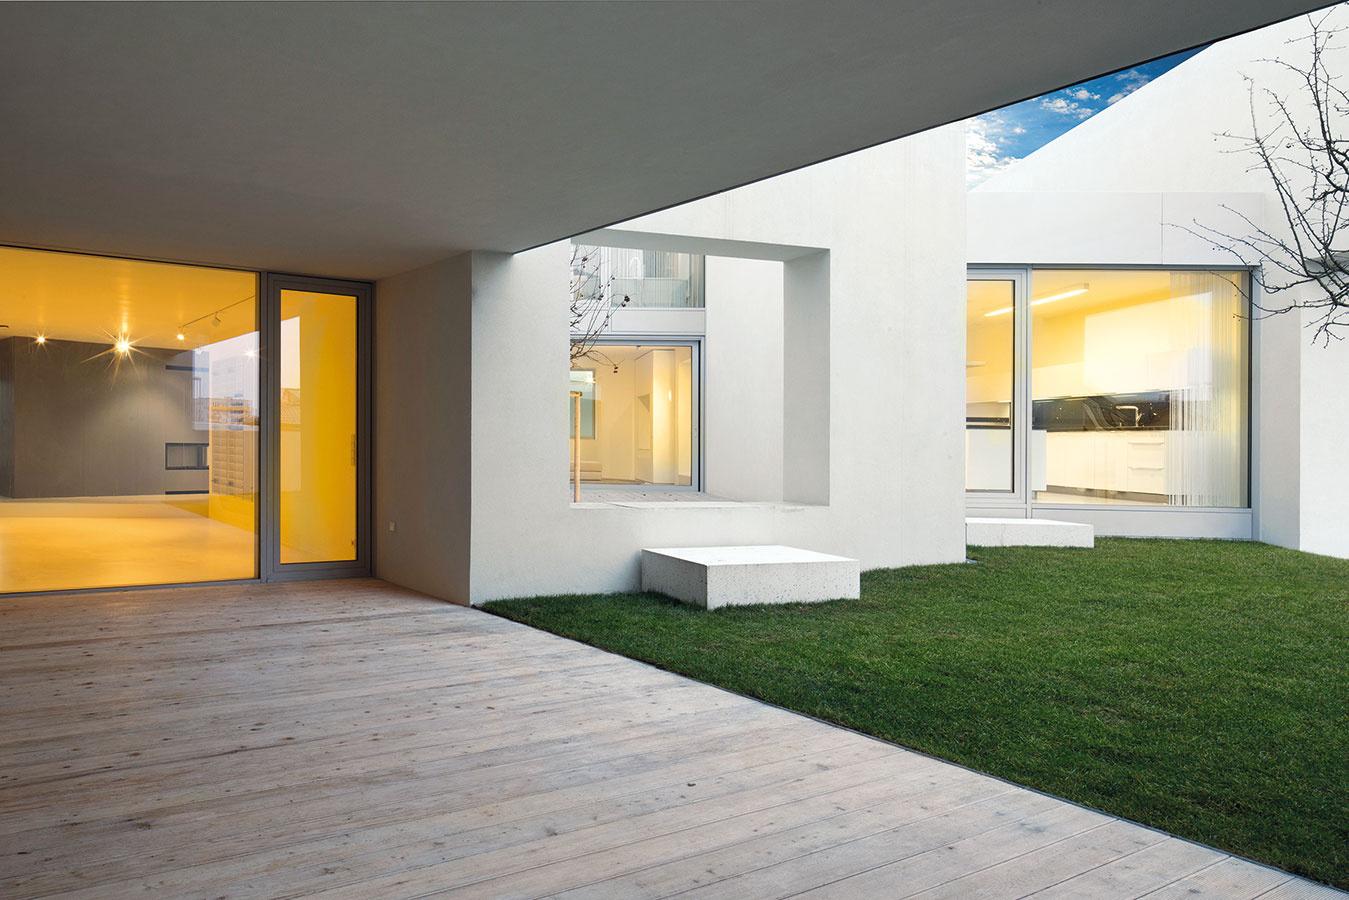 Architekti nevytvorili dom vzáhrade, ale nekonečný film motívov sdomom vzáhrade. Prechody medzi interiérom aexteriérom sa vtomto prípade stierajú.